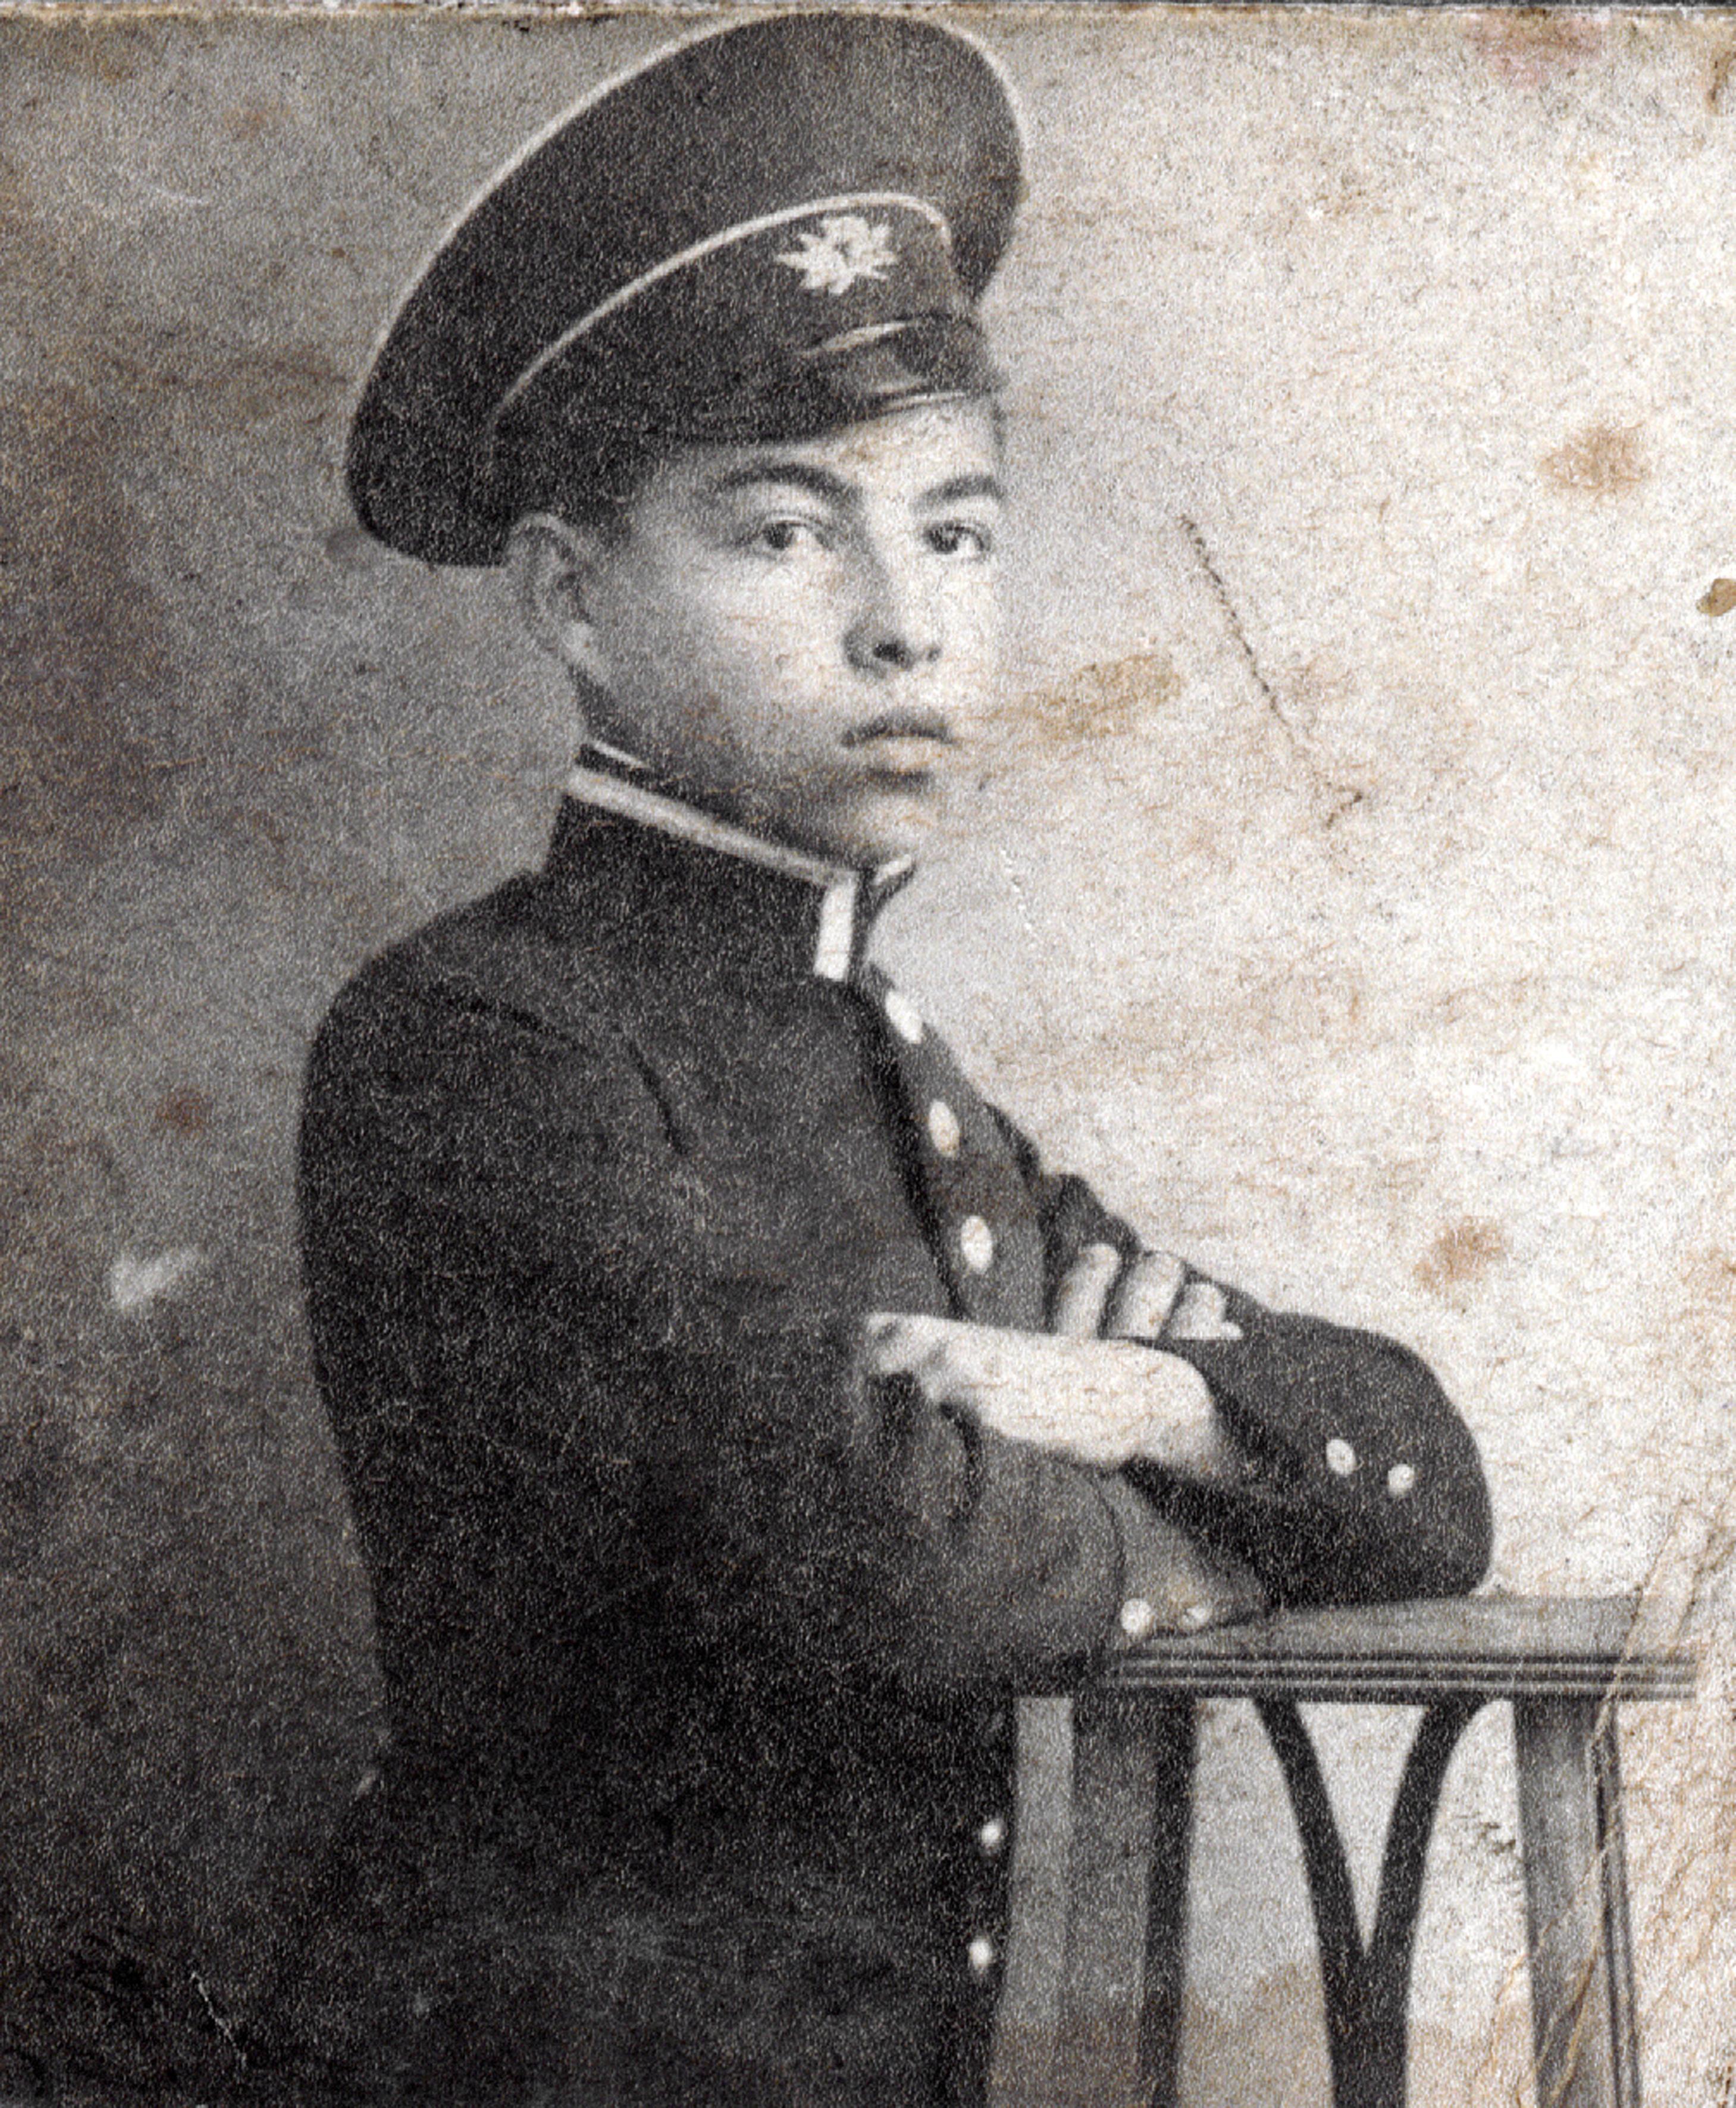 Yefim Fabrikant